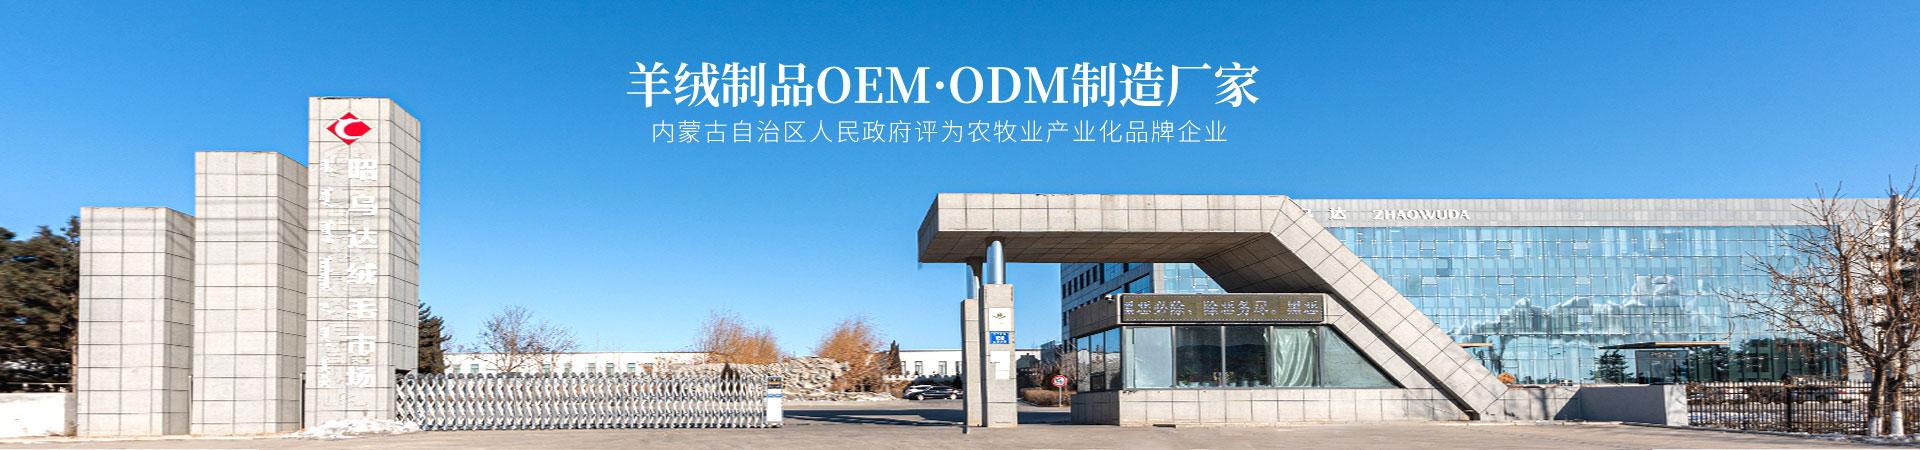 昭乌达 羊绒制品OEM·ODM制造厂家